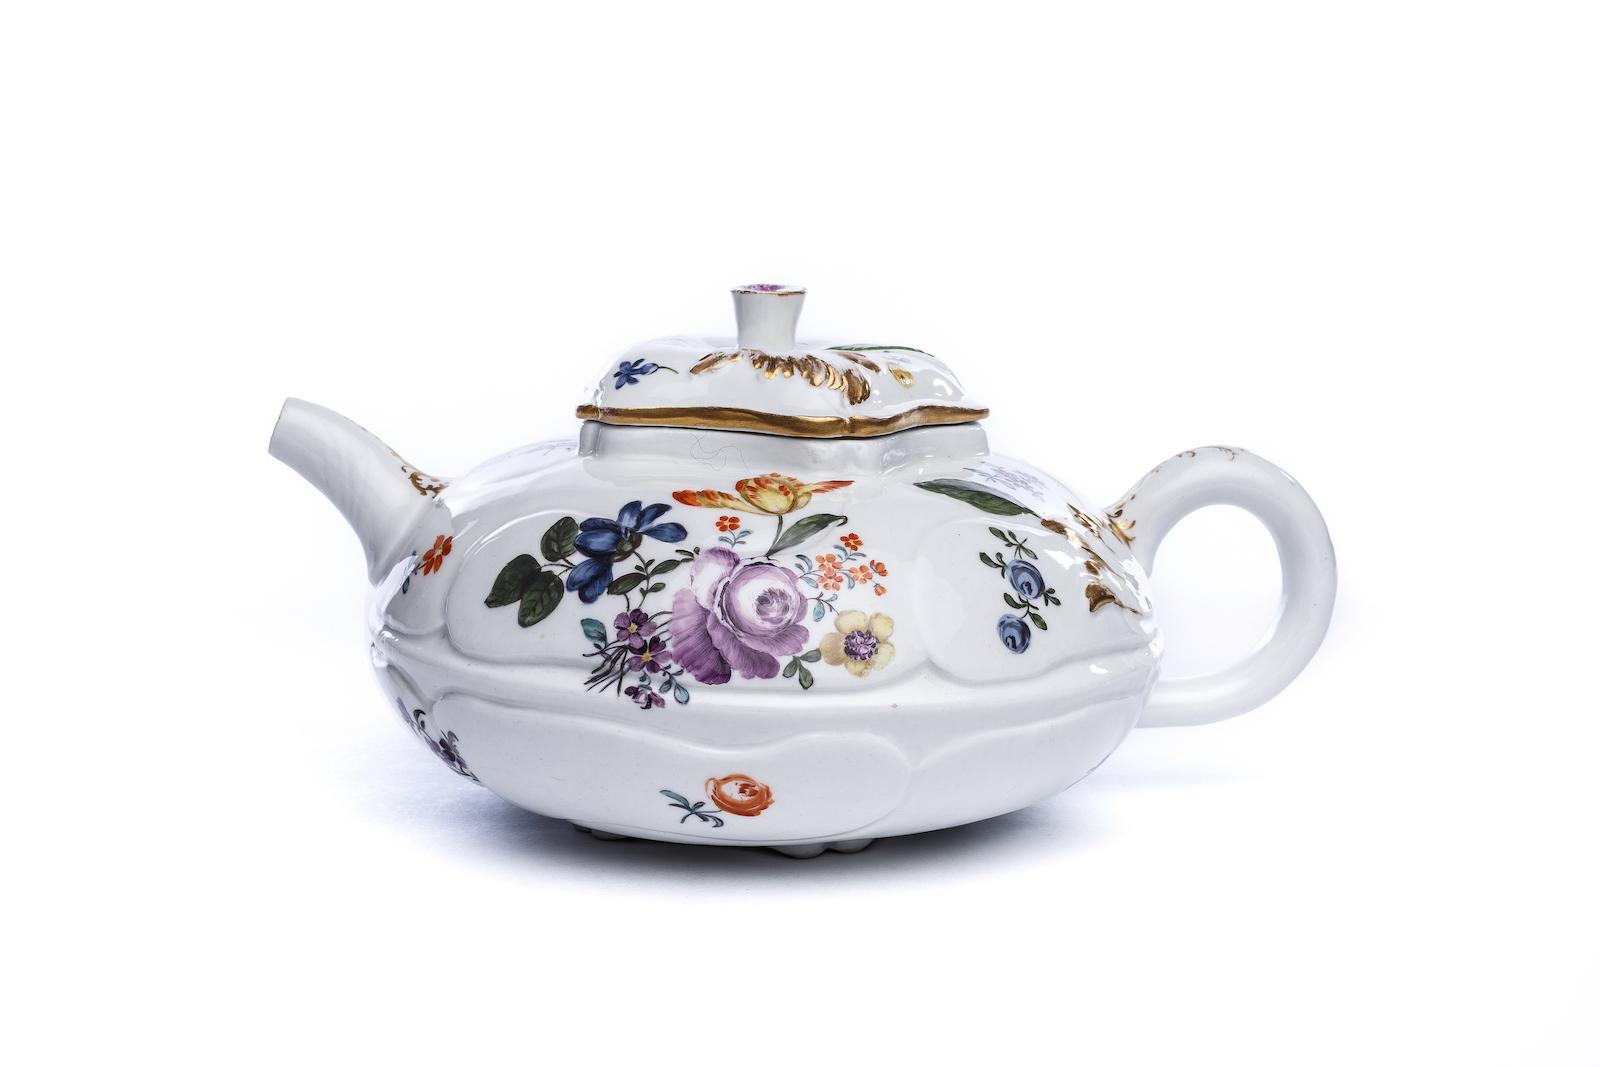 #196 Seltene große Teekanne Image